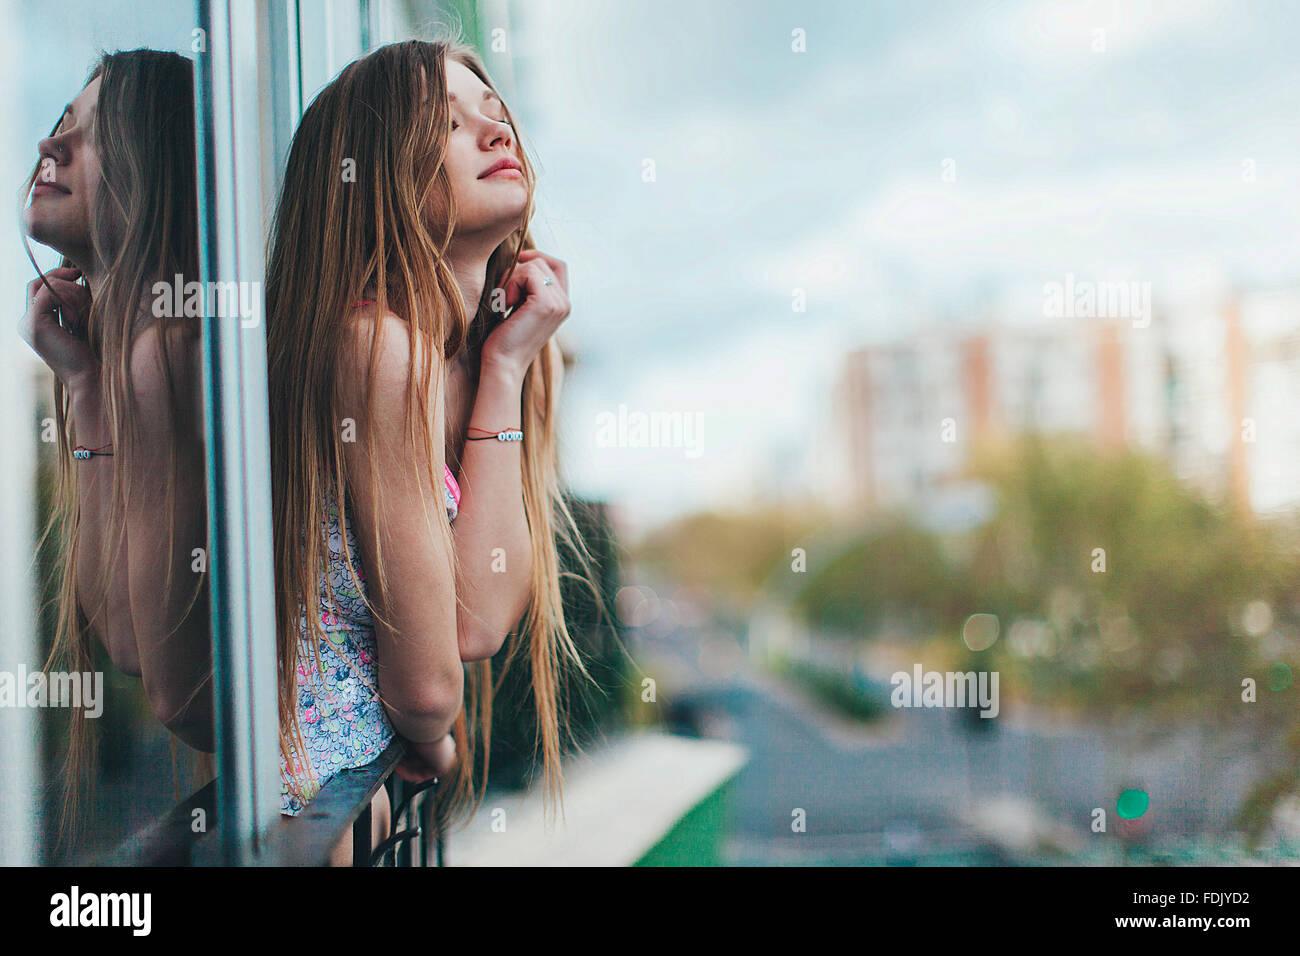 Junge Frau lehnt sich aus dem Fenster in der Stadt, Sevilla, Spanien Stockbild